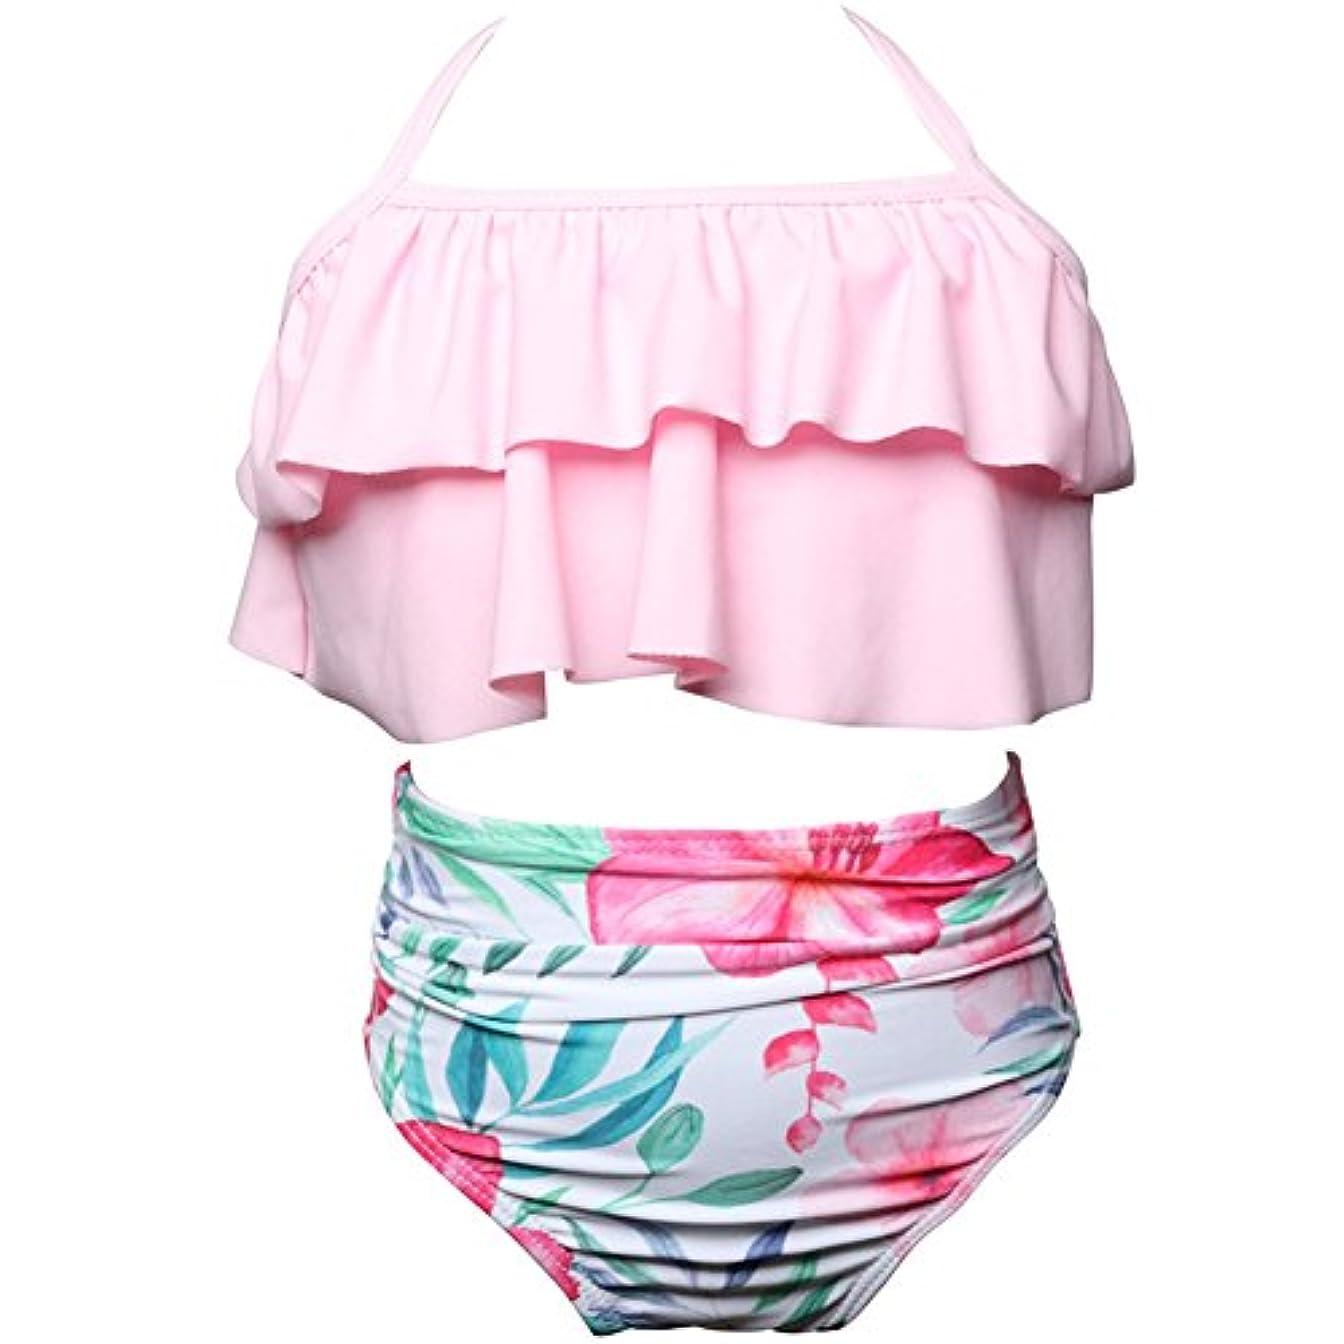 ネクタイ素朴な器官エルフ ベビー(Fairy Baby)キッズ 水着 女の子 水遊びビキニセット セパレート